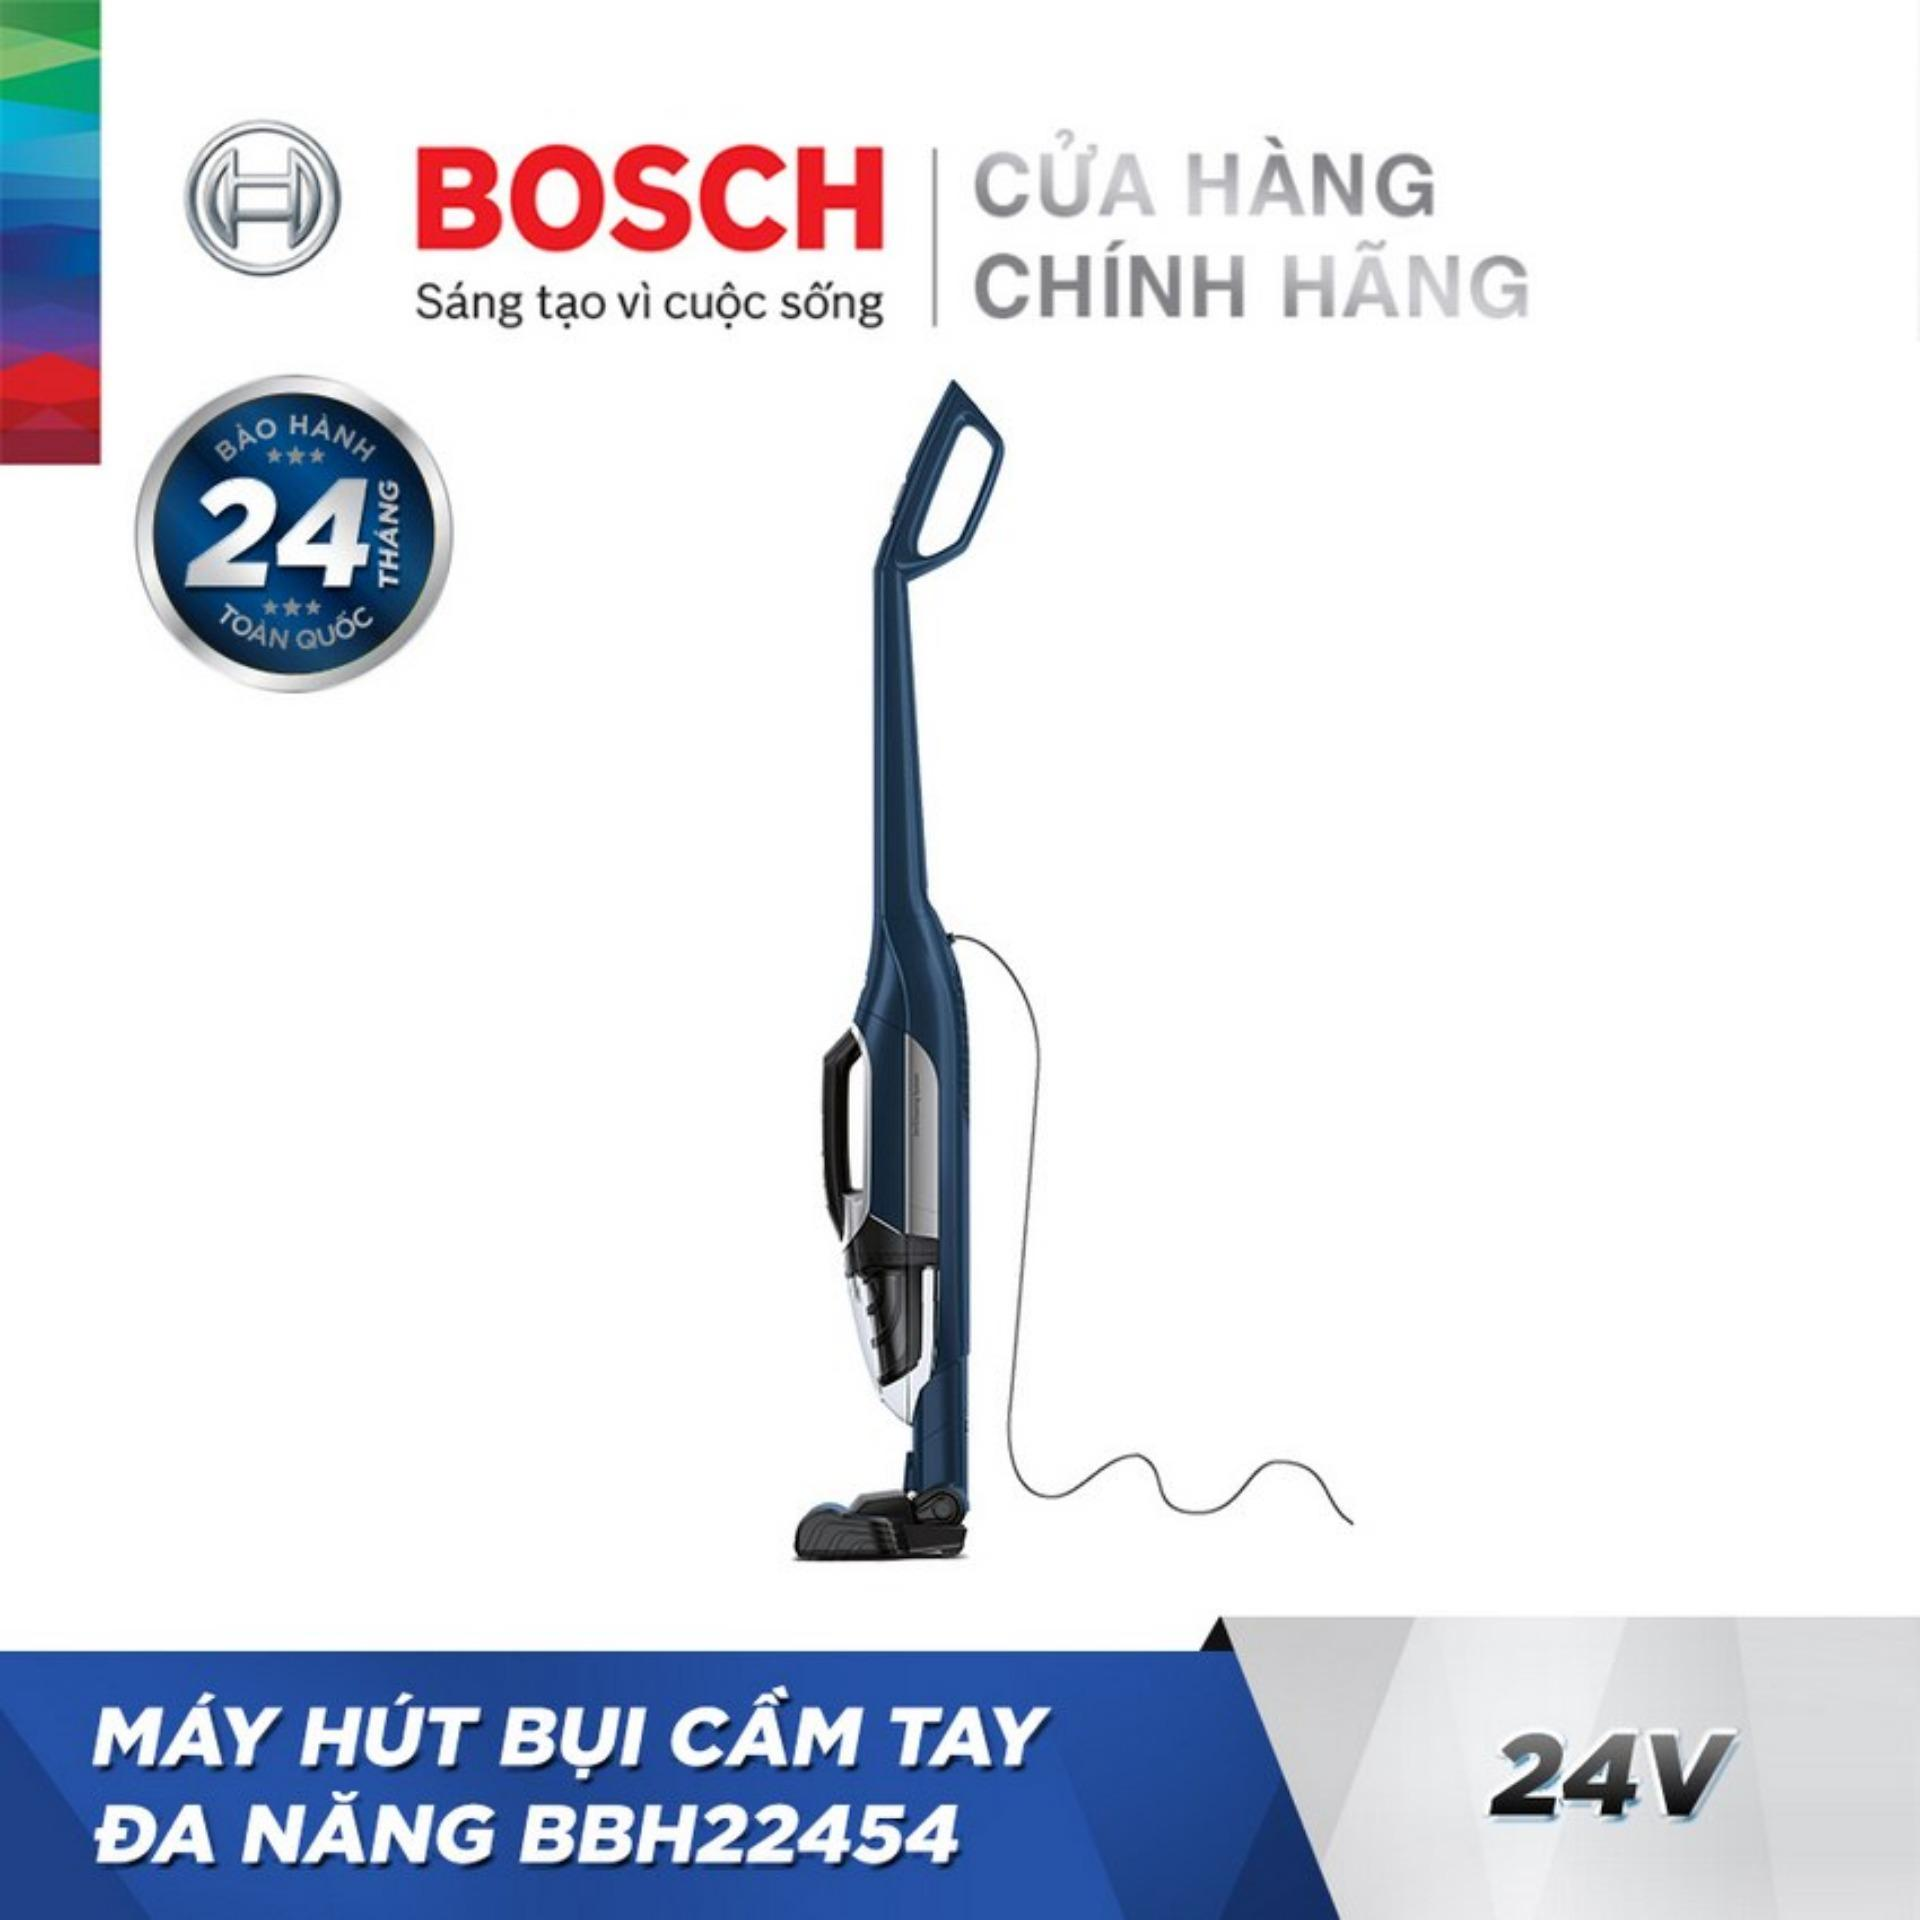 Máy hút bụi cầm tay đa năng 2 trong 1 Bosch BBH22454 24V